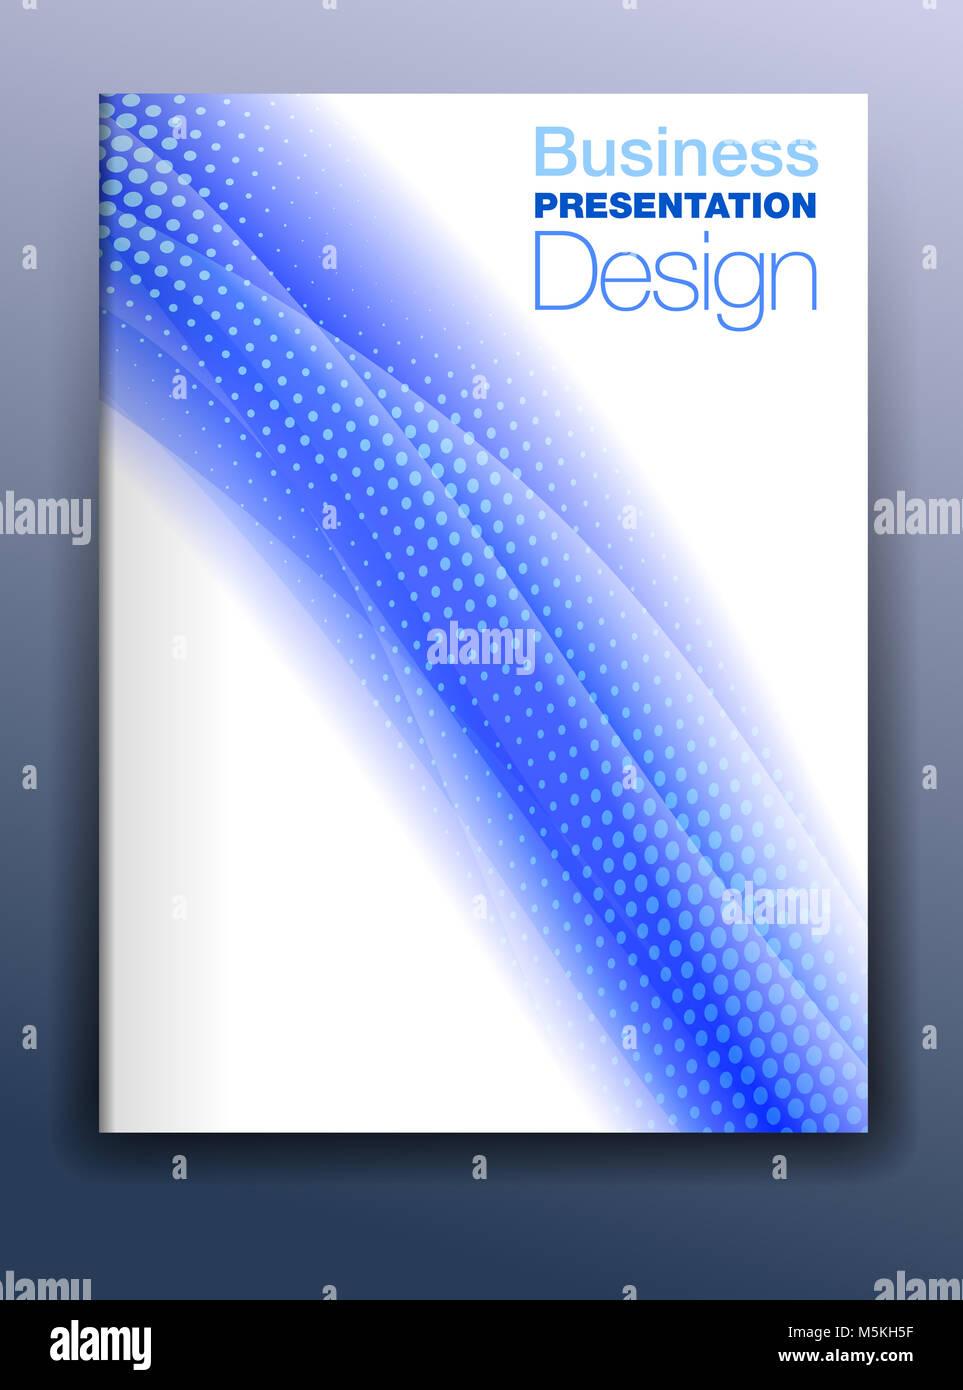 Broschüre blaues Deckblatt Vorlage Vektor Design für Business ...